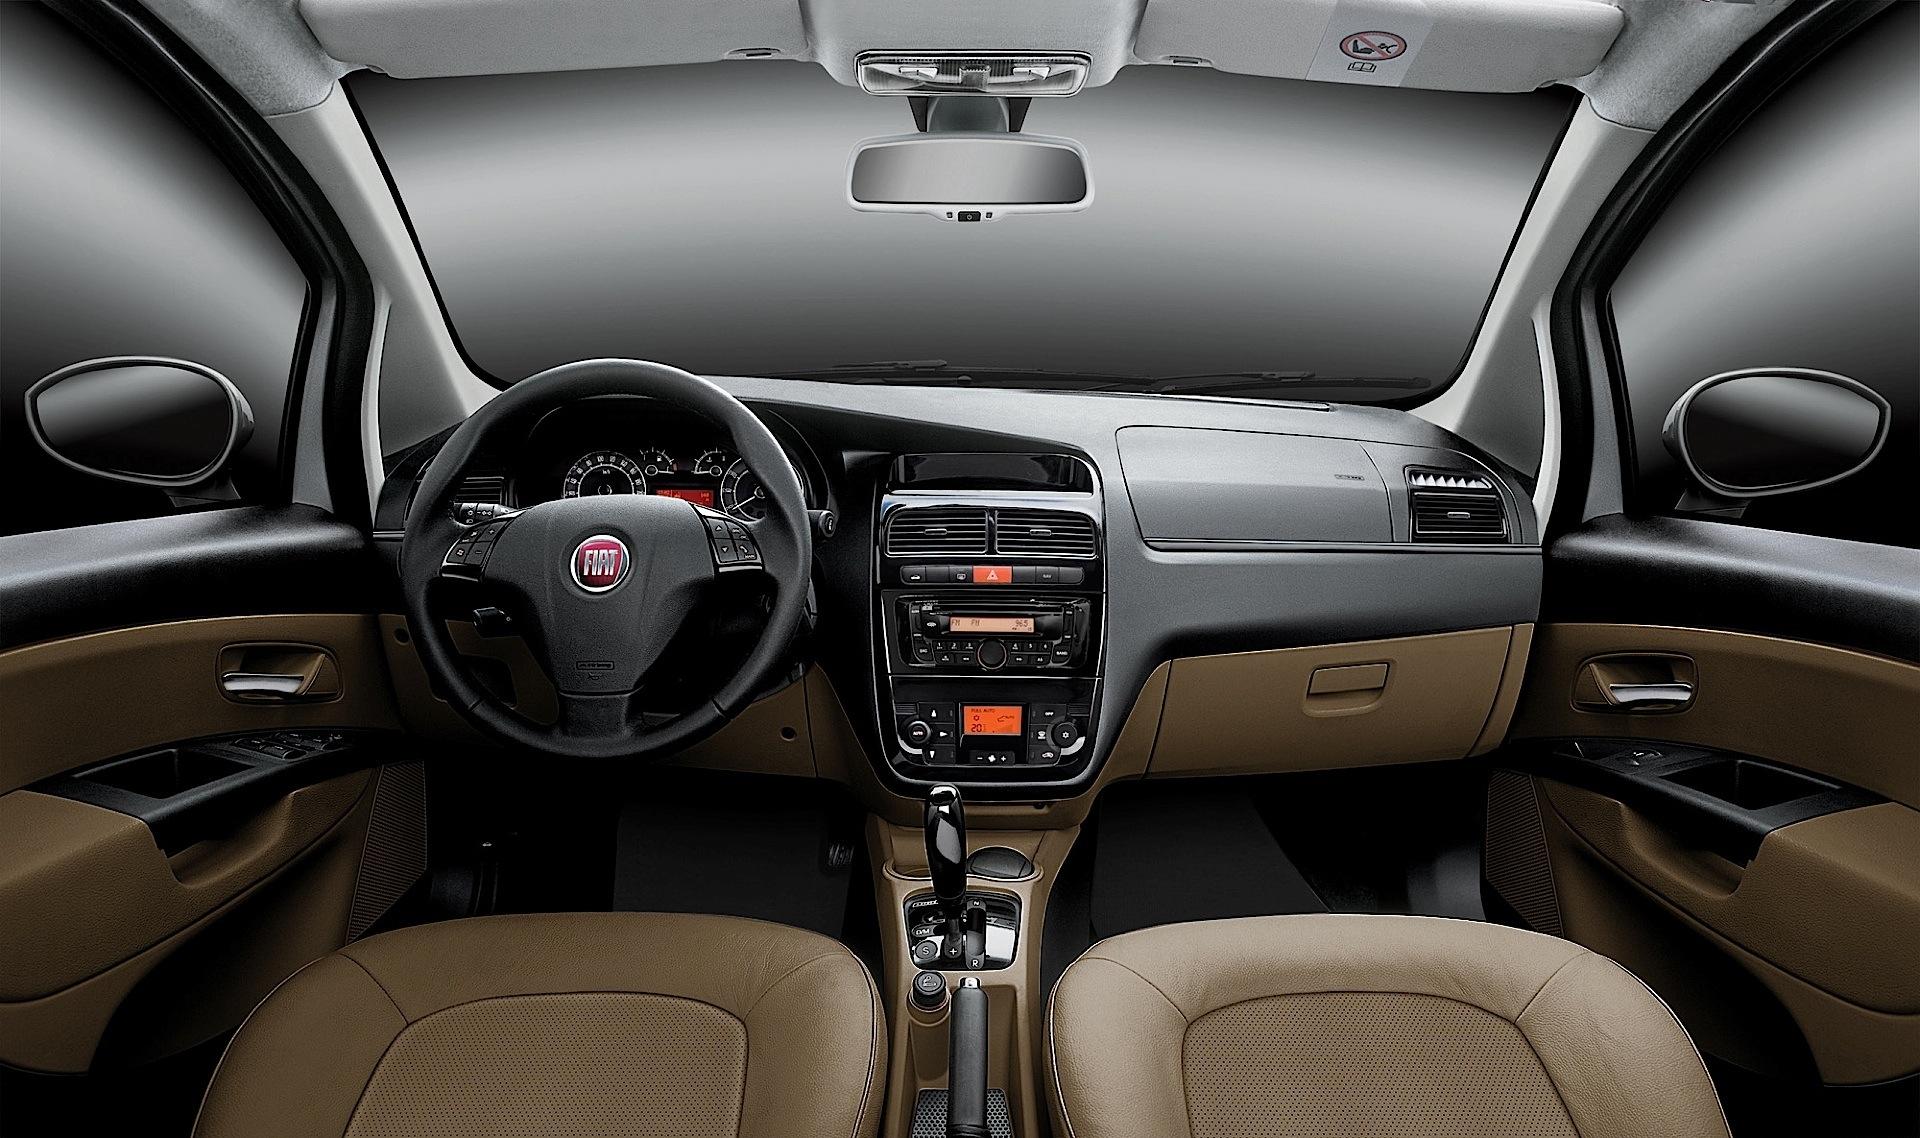 FIAT Linea - 2006, 2007, 2008, 2009, 2010, 2011, 2012 ...